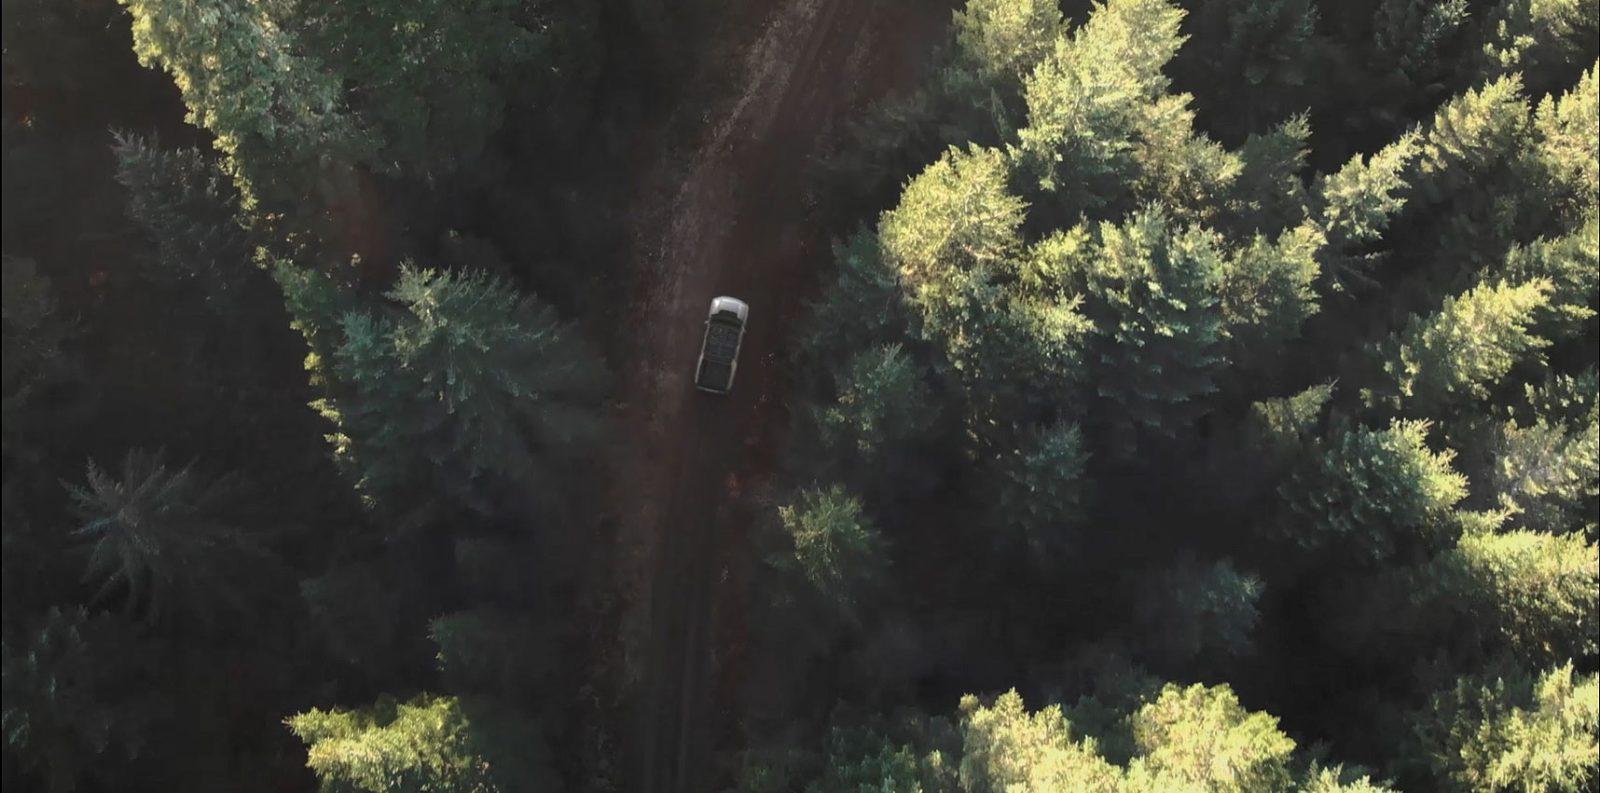 Gm Postpones Reveal Of Hummer Ev But Provides New Overhead Teaser